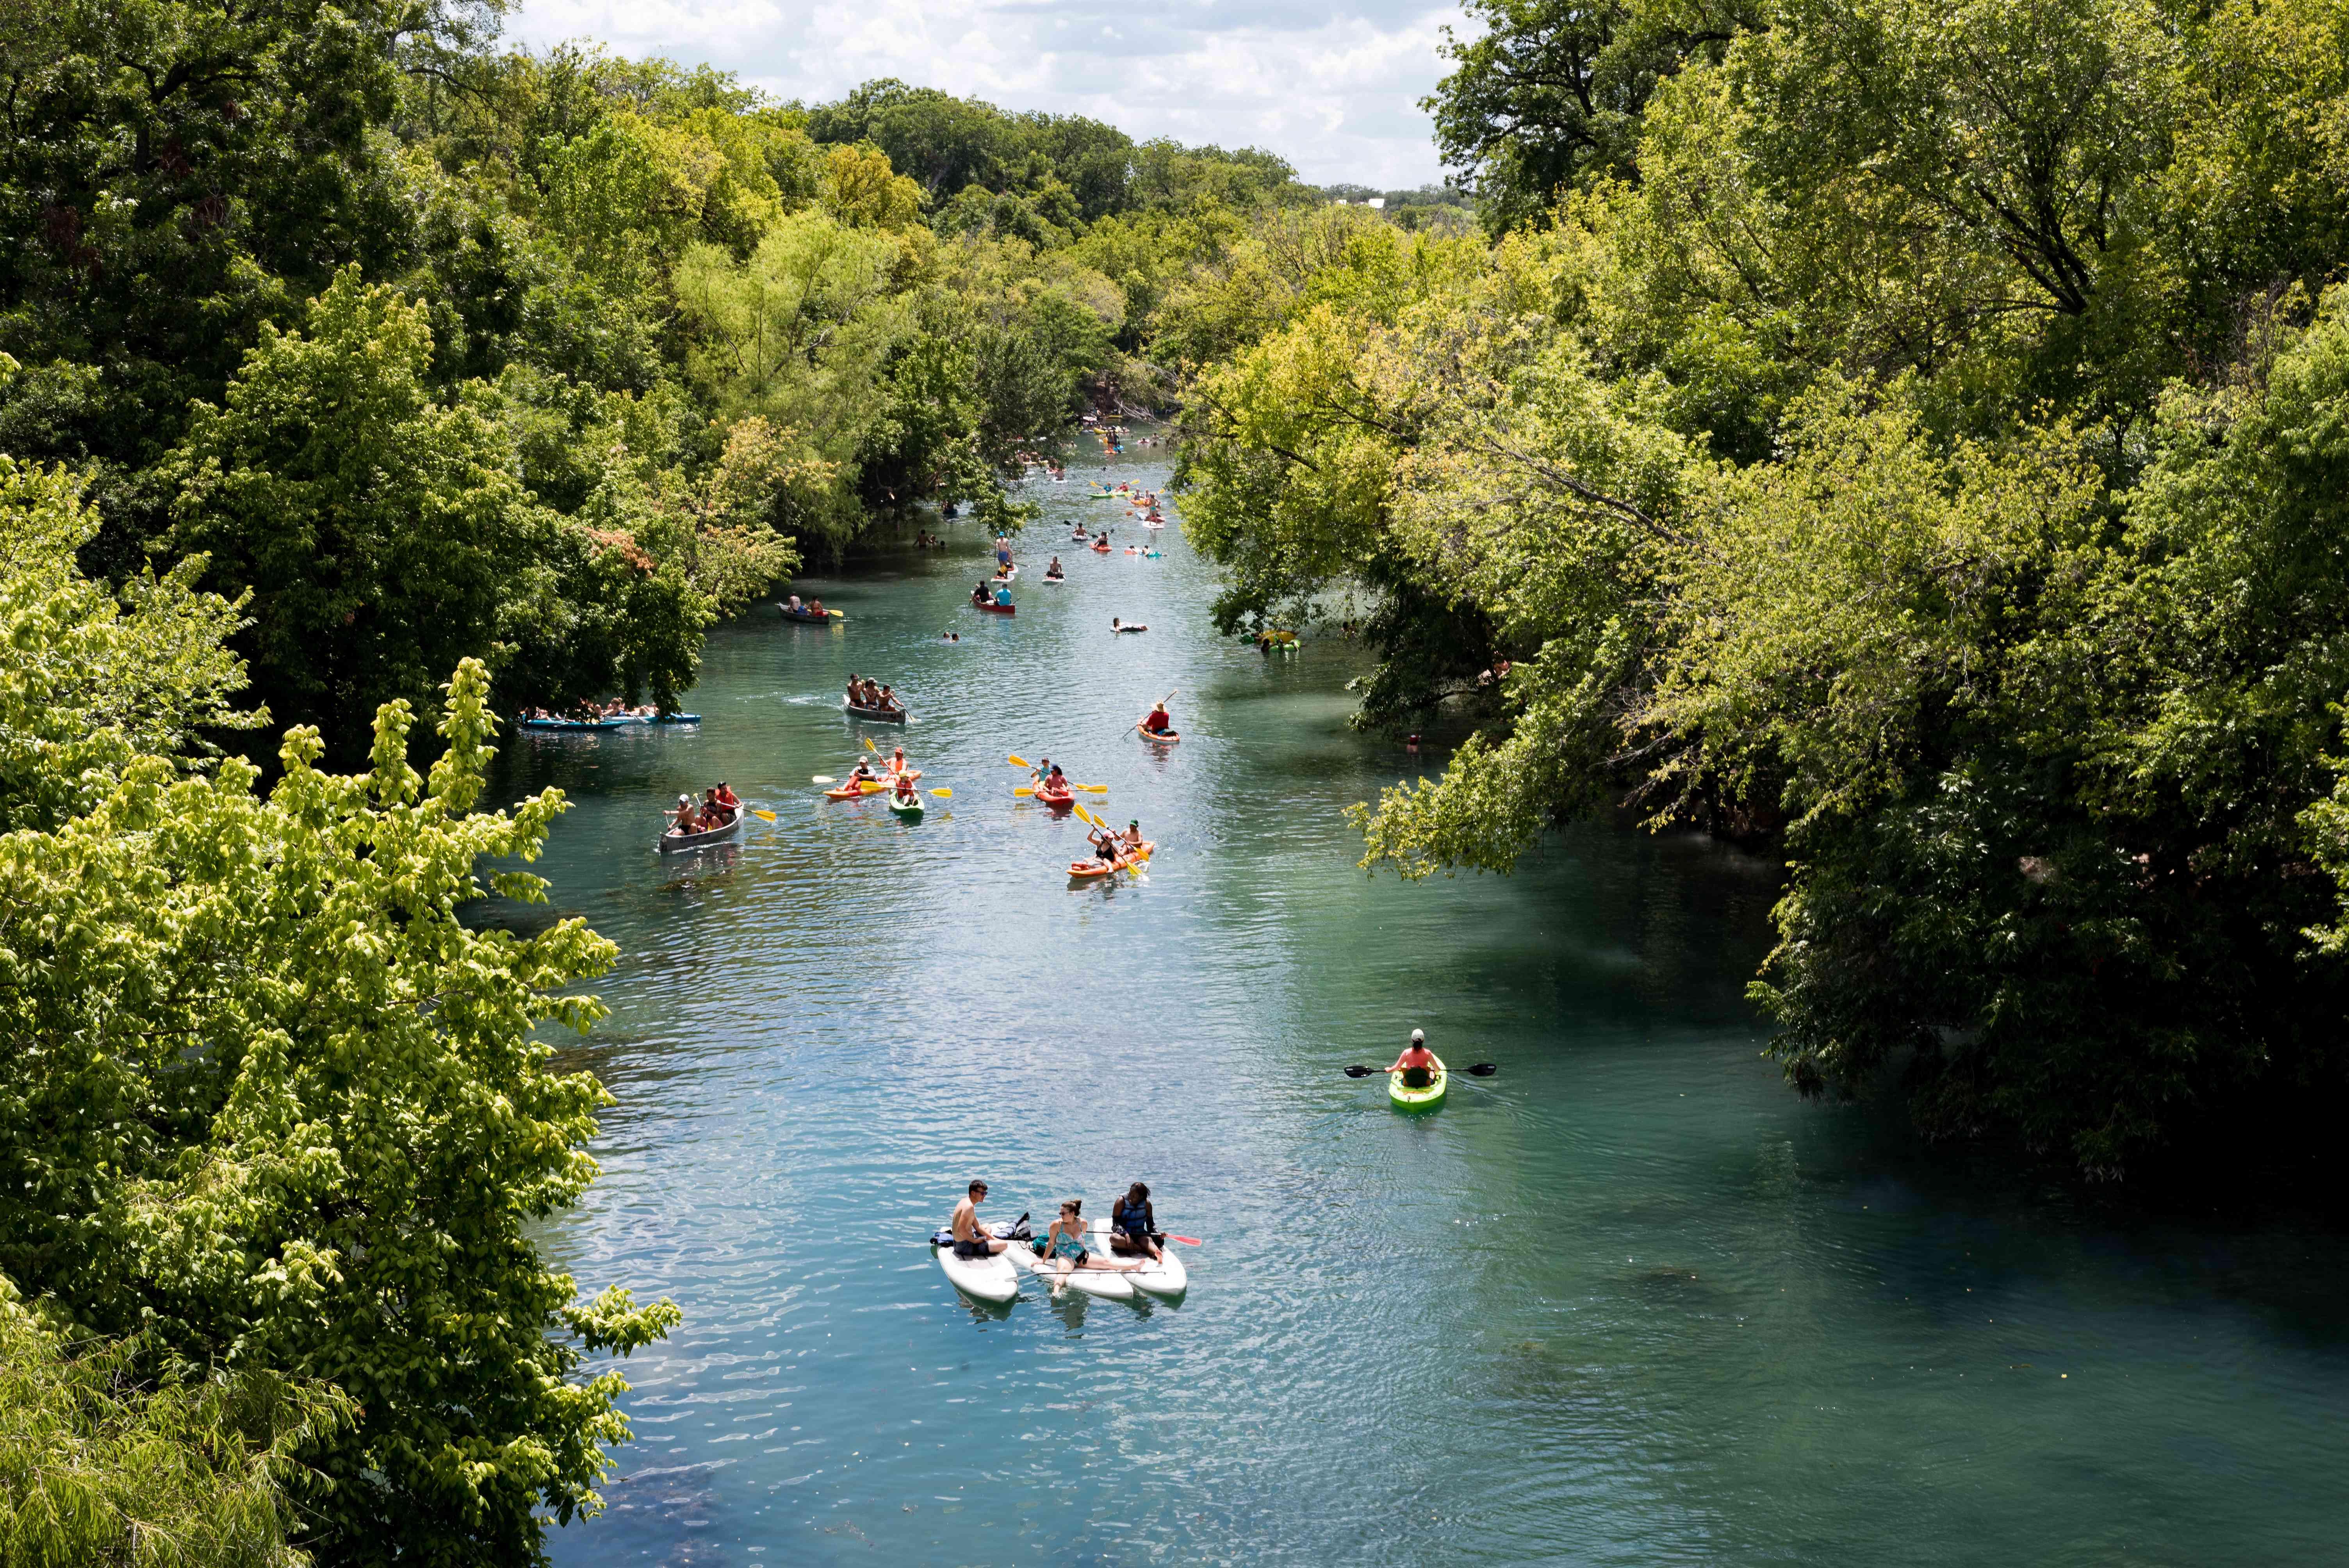 Gente remando y haciendo kayak por el lago Lady Bird rodeado de frondosos árboles verdes